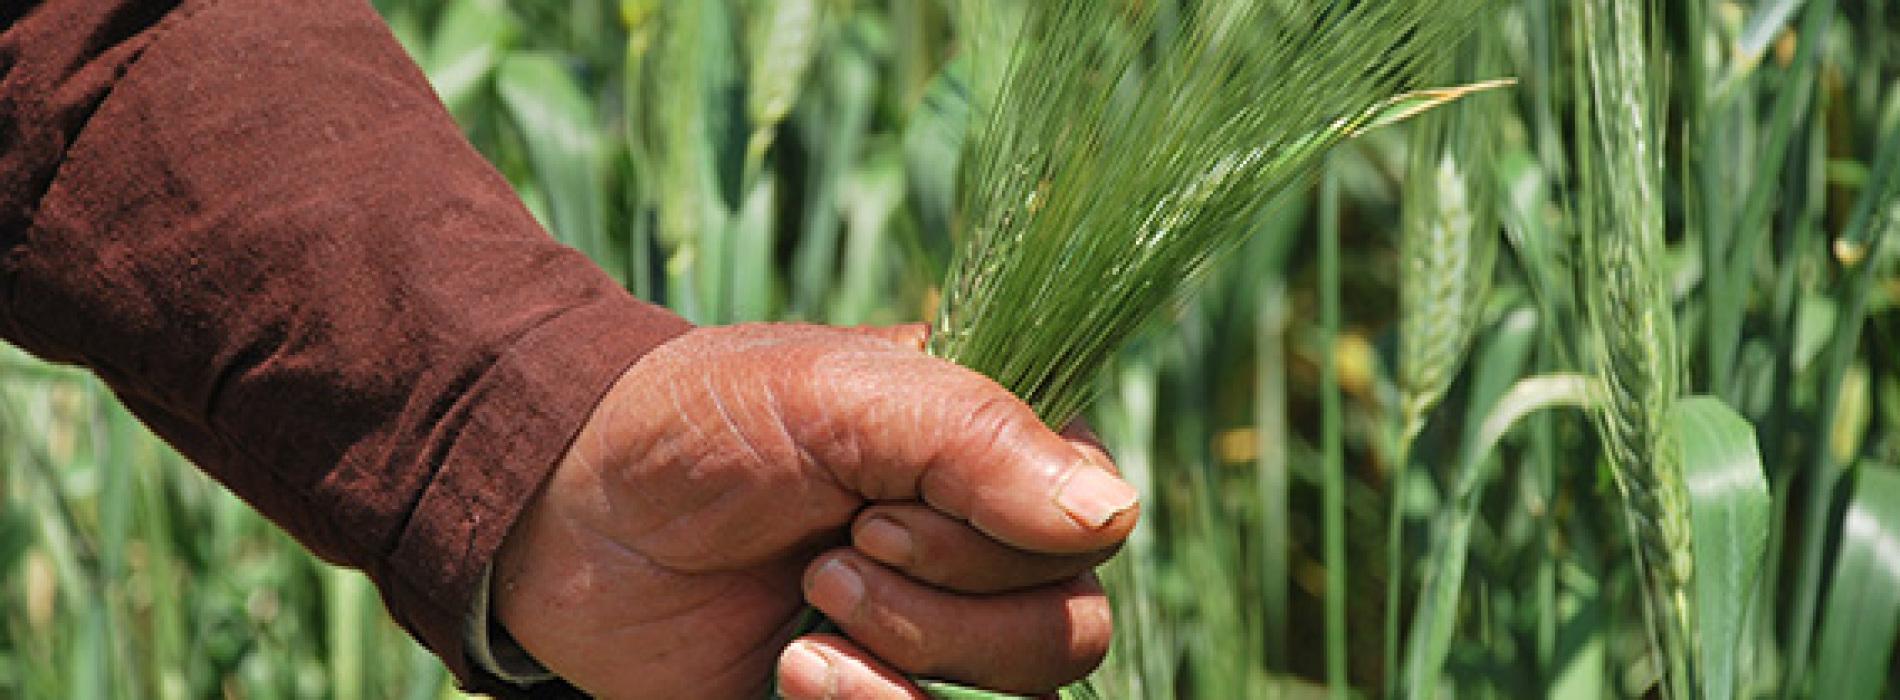 Sementia. Slow Food Campania punta sull'innovazione